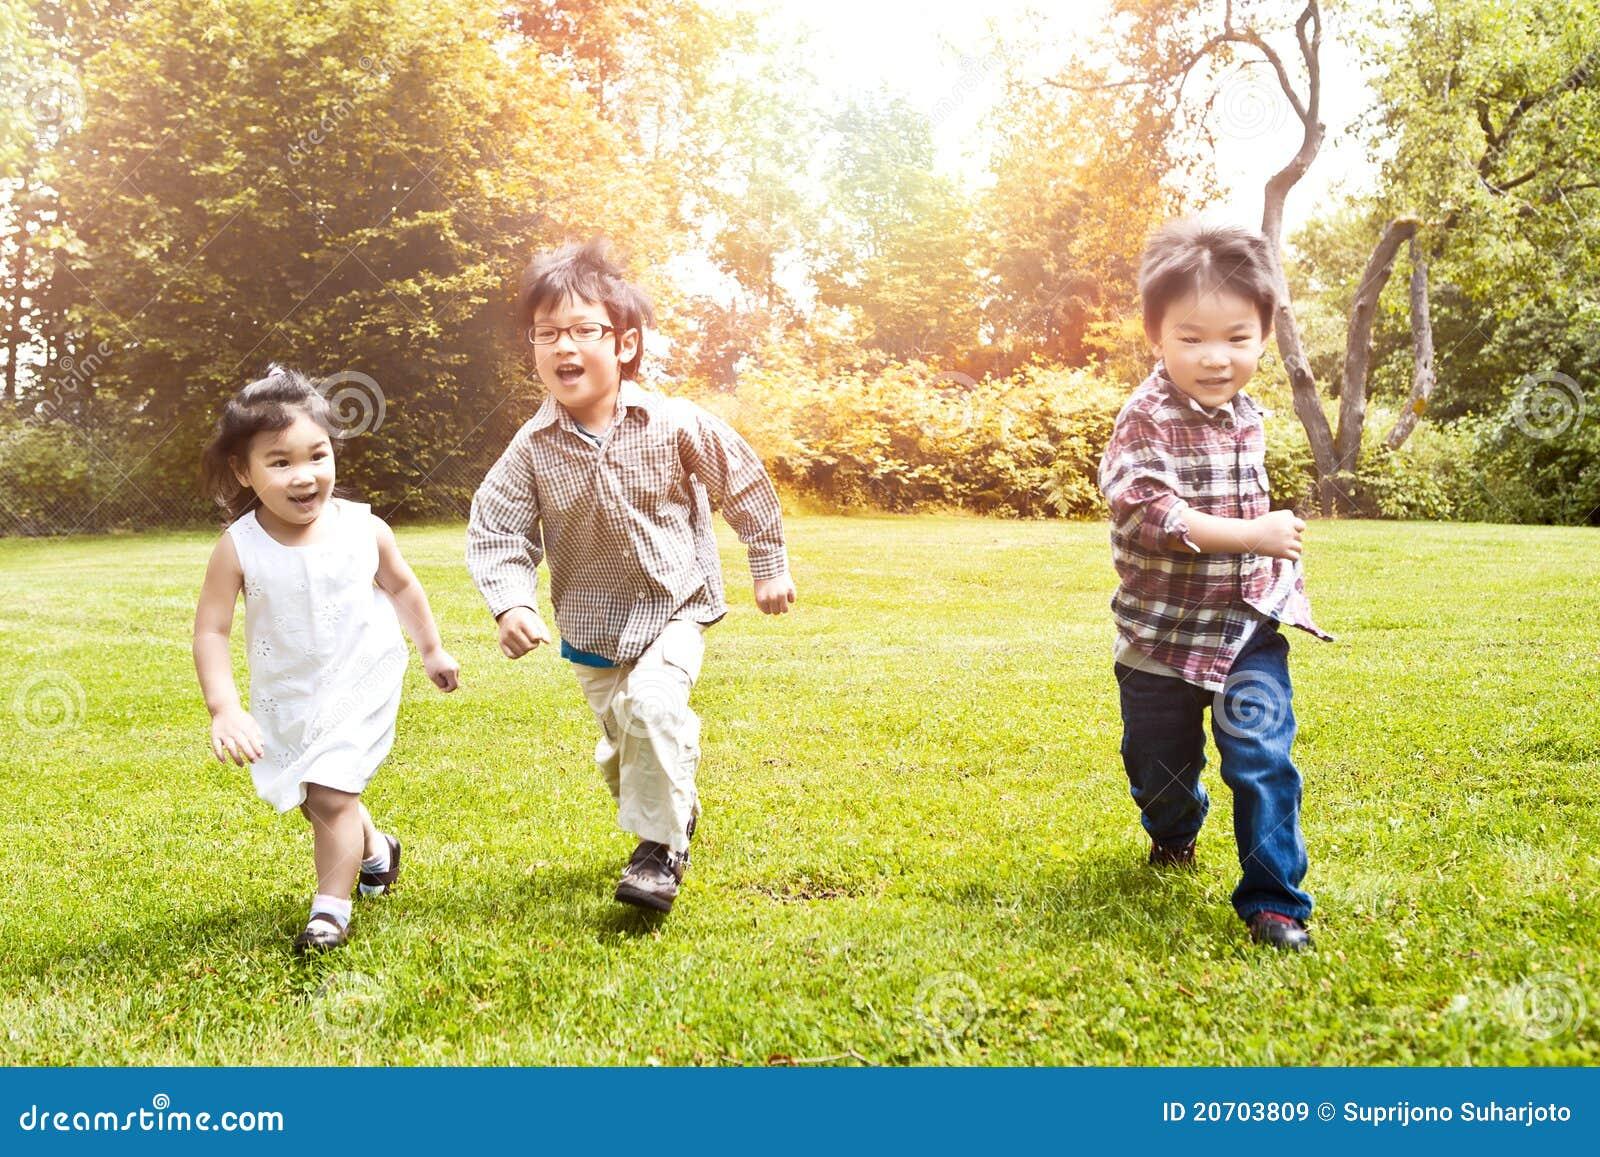 Asian kids running in park